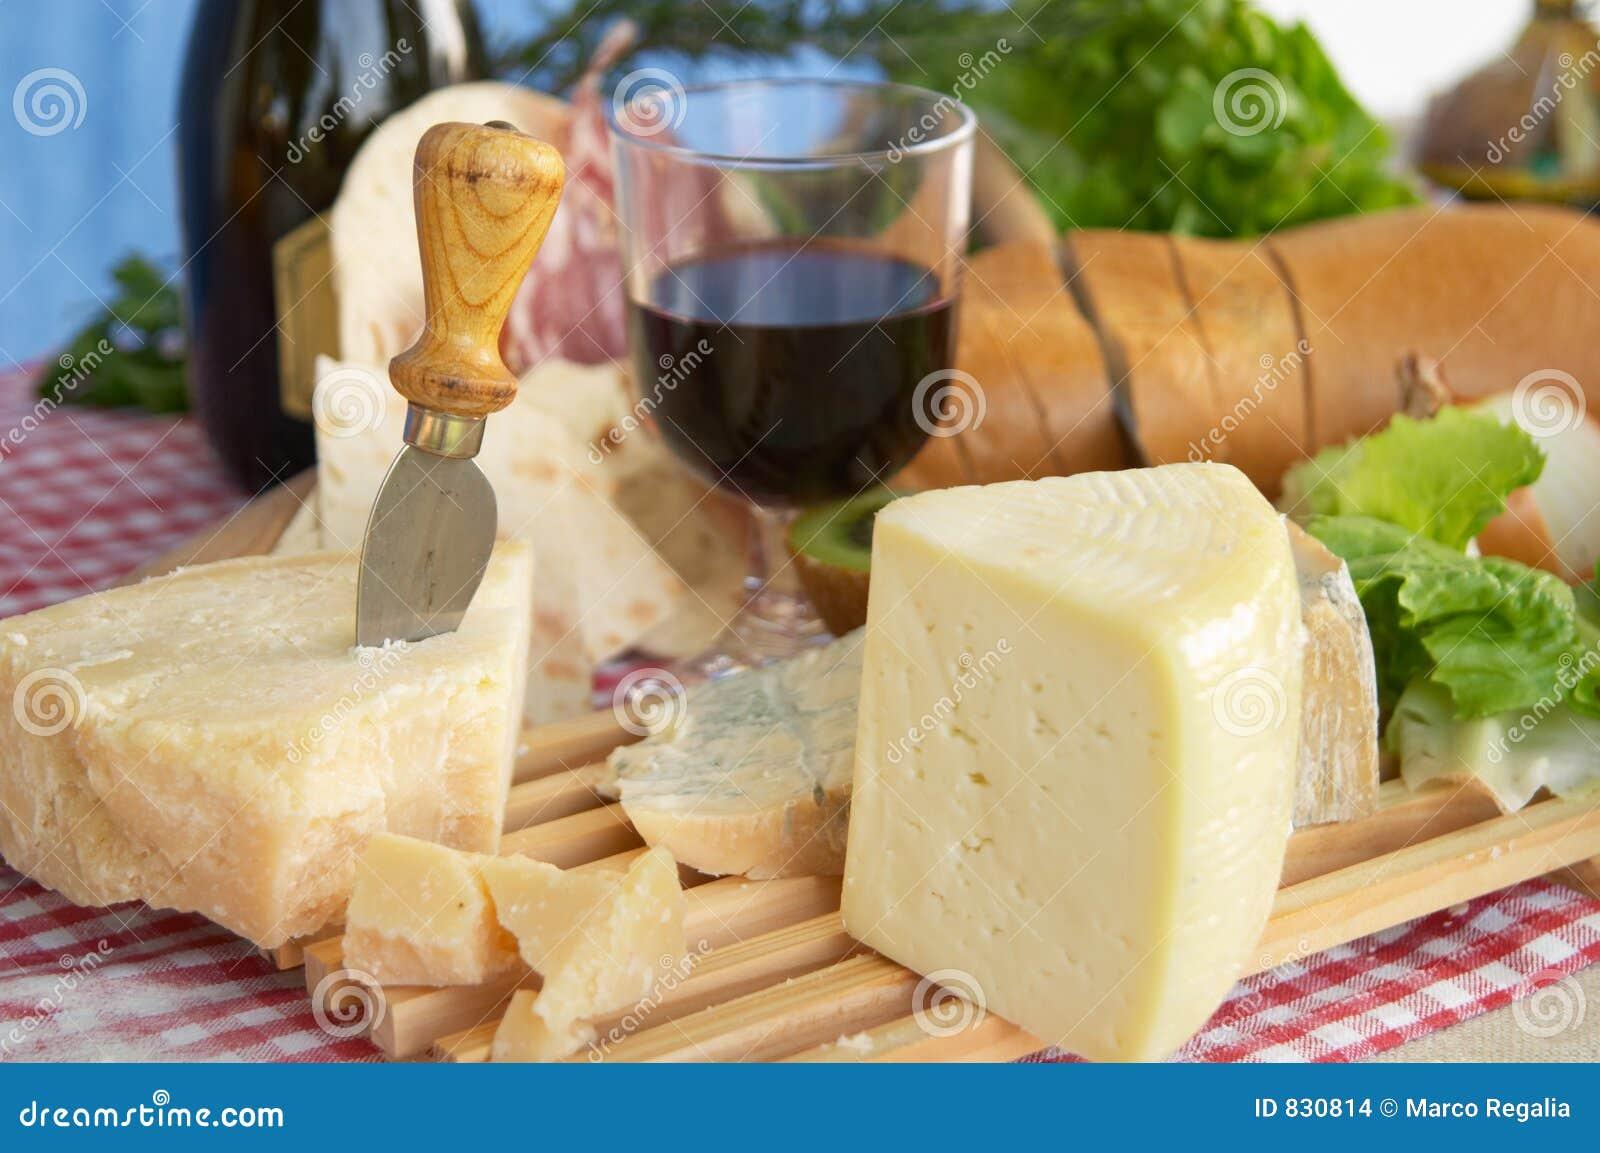 обвалите вино в сухарях pecorino parmigiano gorgonzola сыра